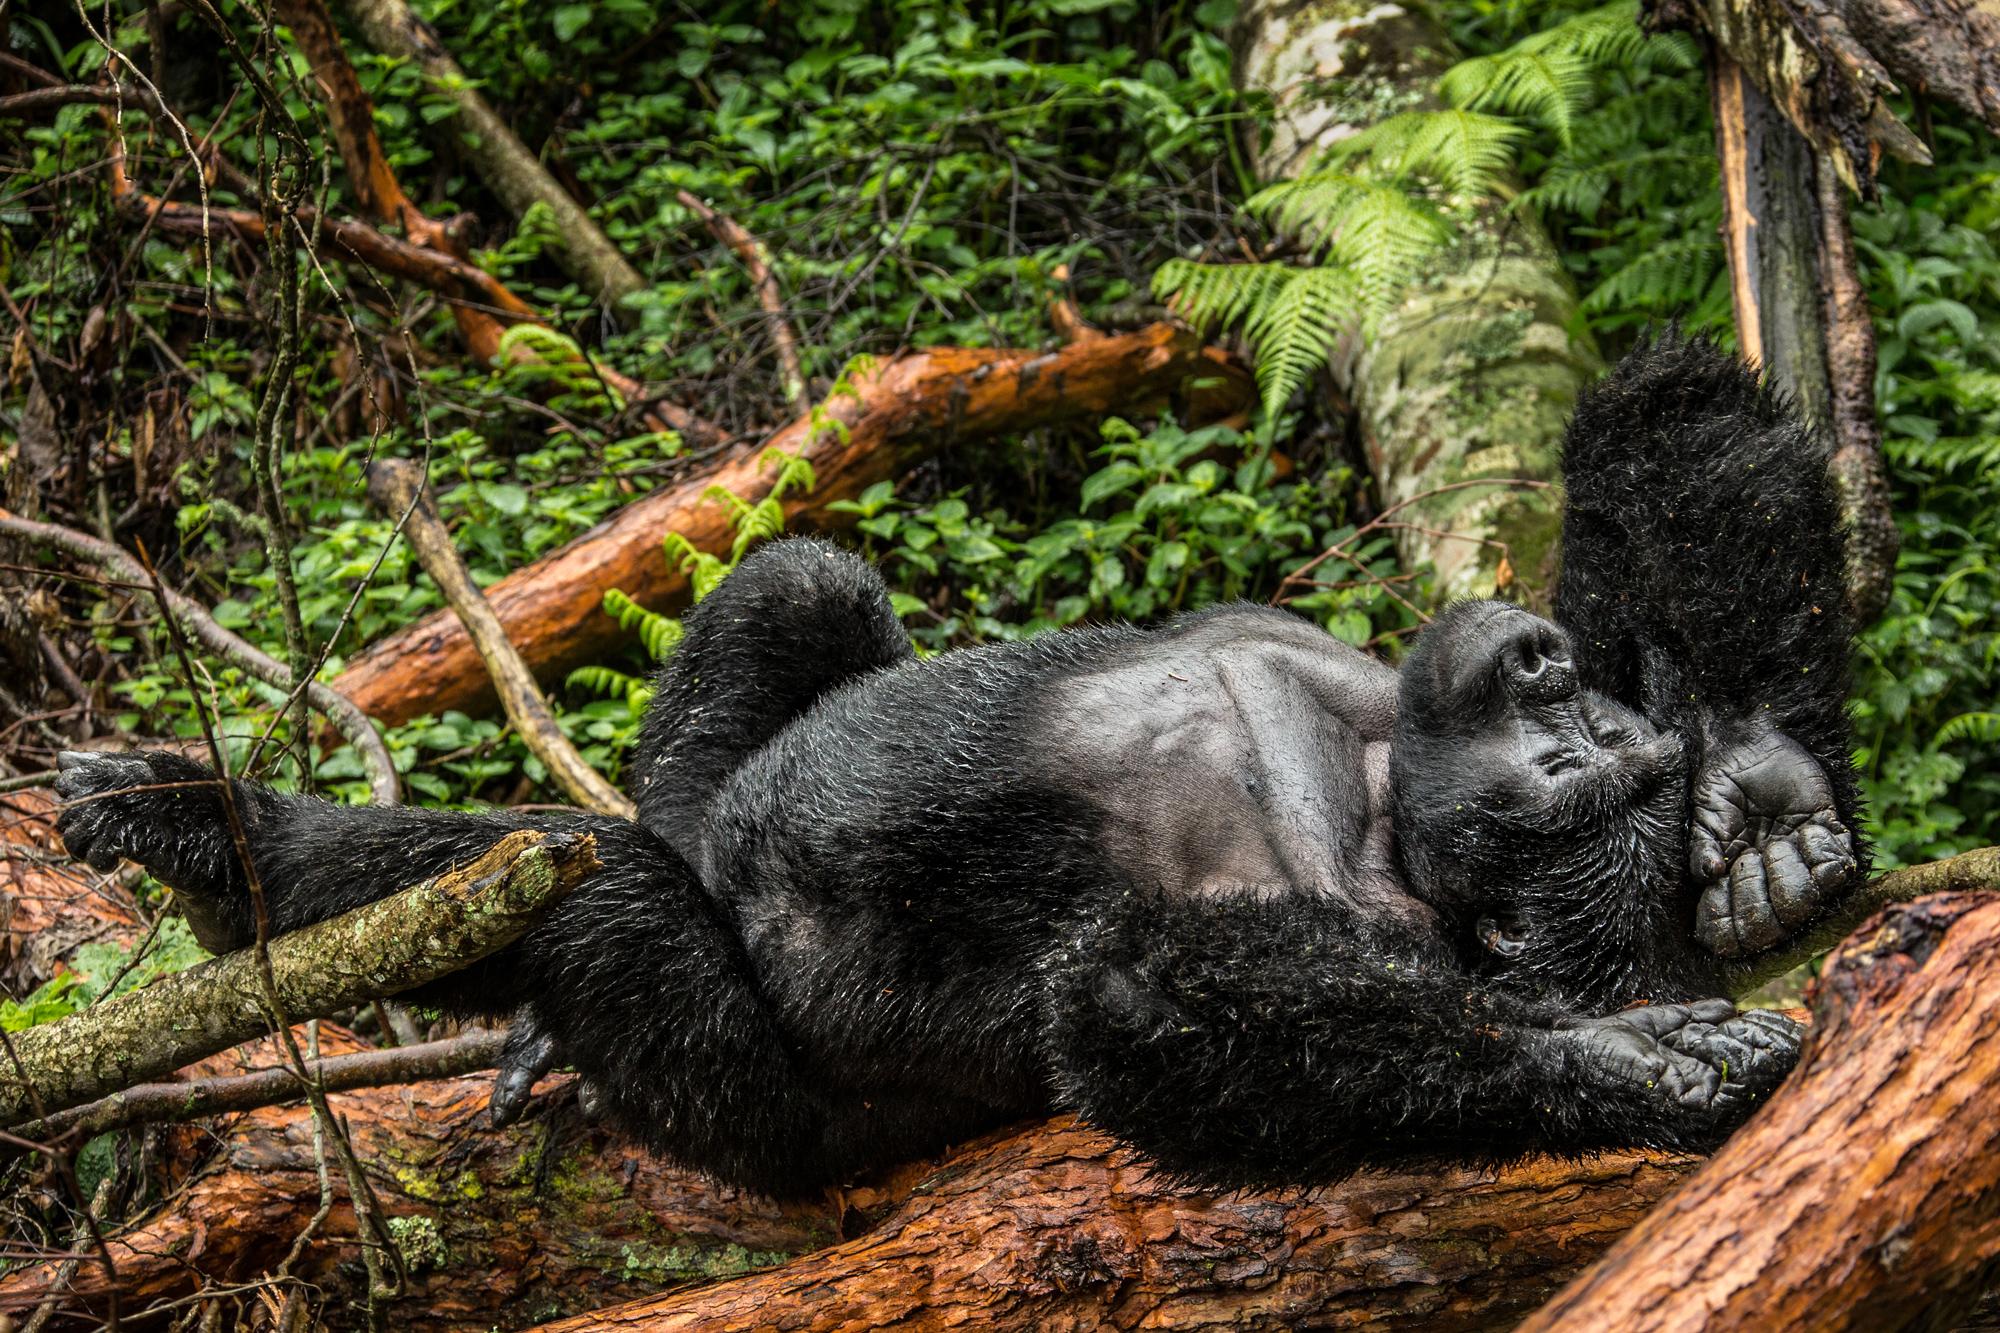 Dominant silverback resting in Mgahinga Gorilla National Park in Uganda